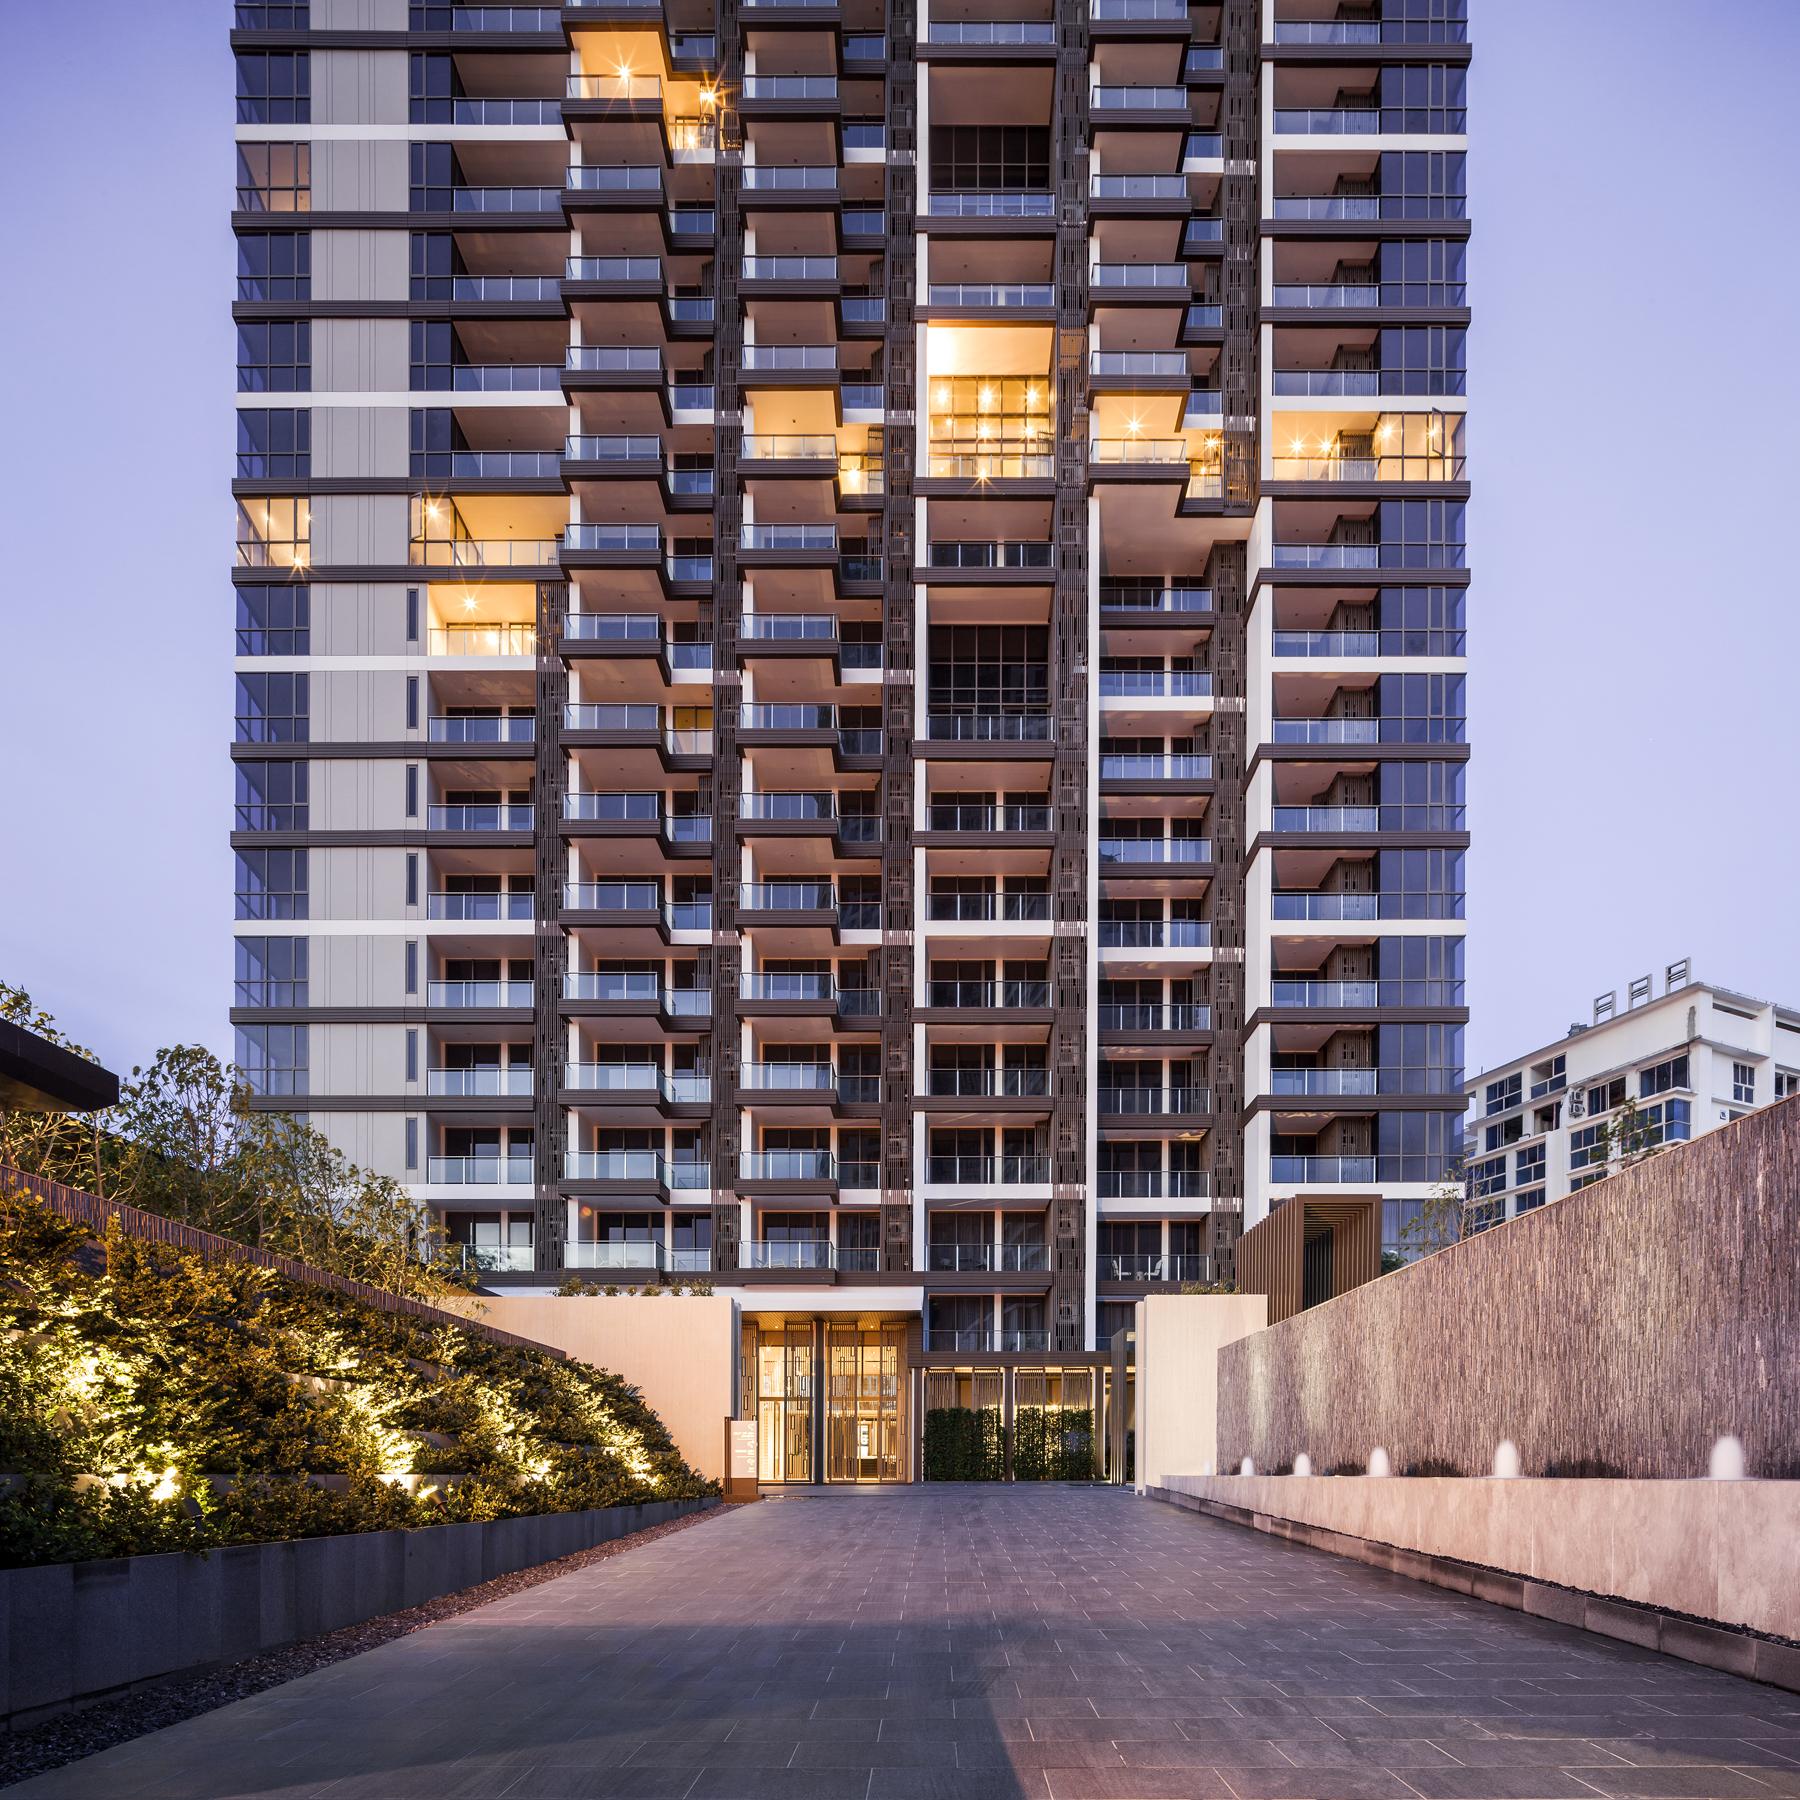 Baan plai haad condominium thailand architect magazine for Thailand architecture